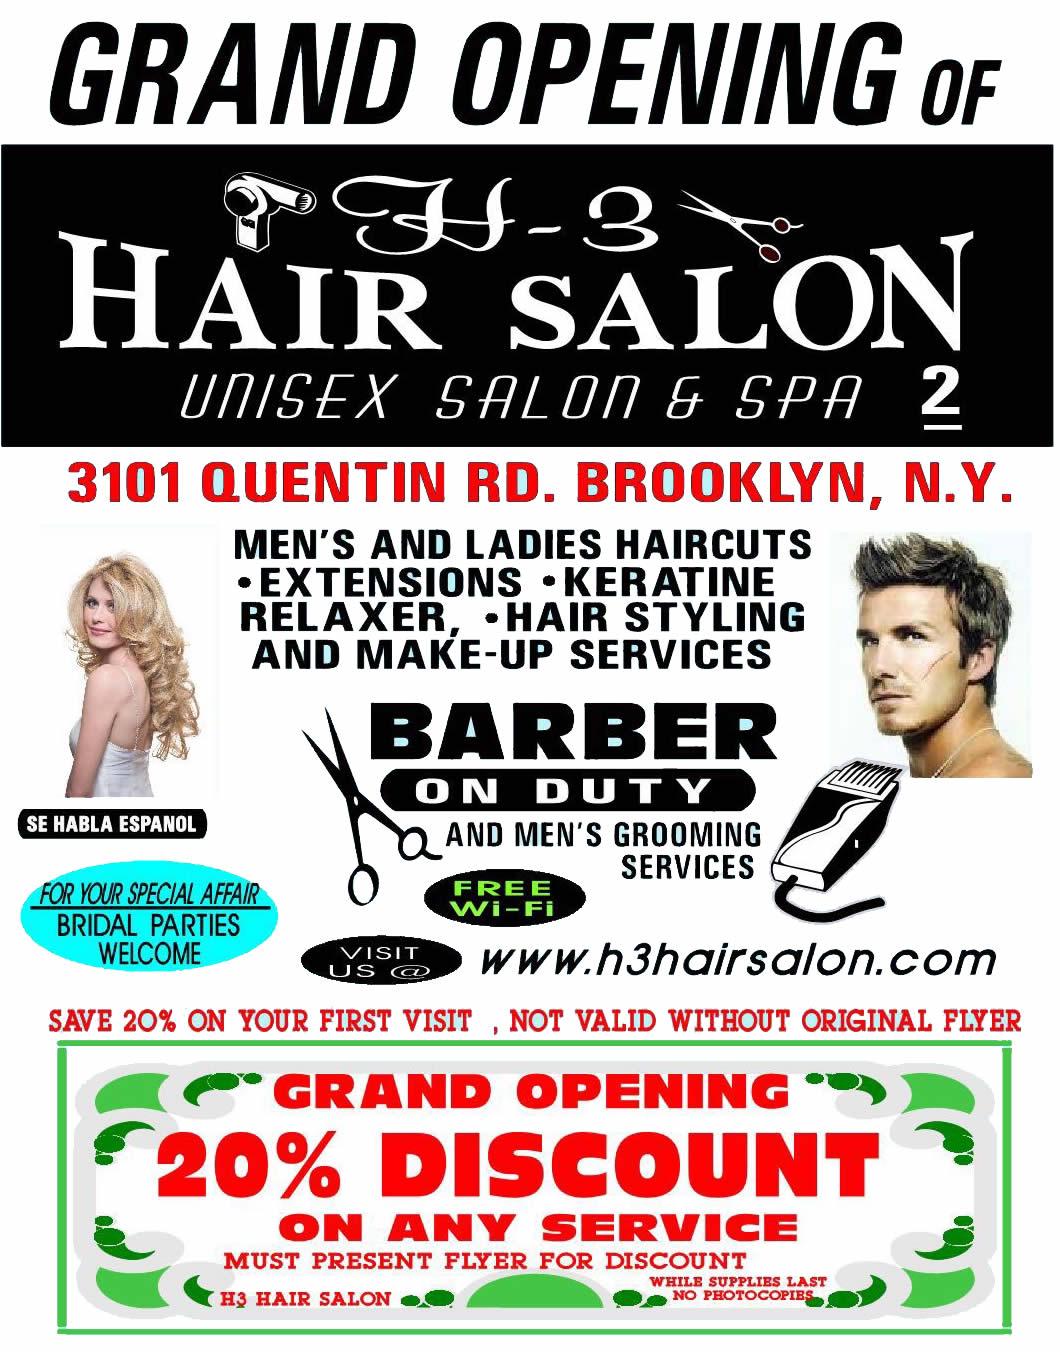 H-3  Hair Salon image 1